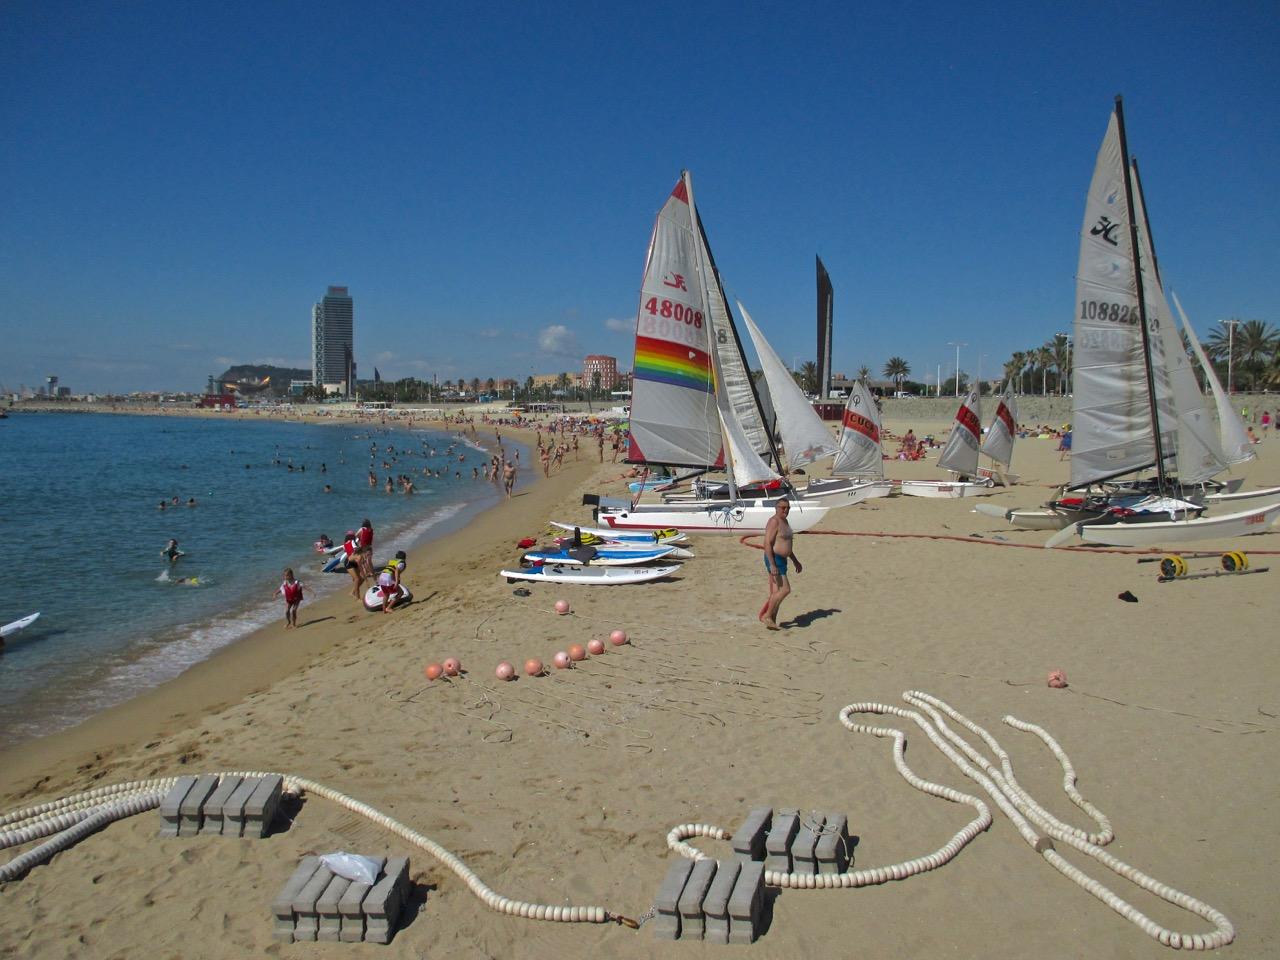 La plage de Bogatell à Barcelone.